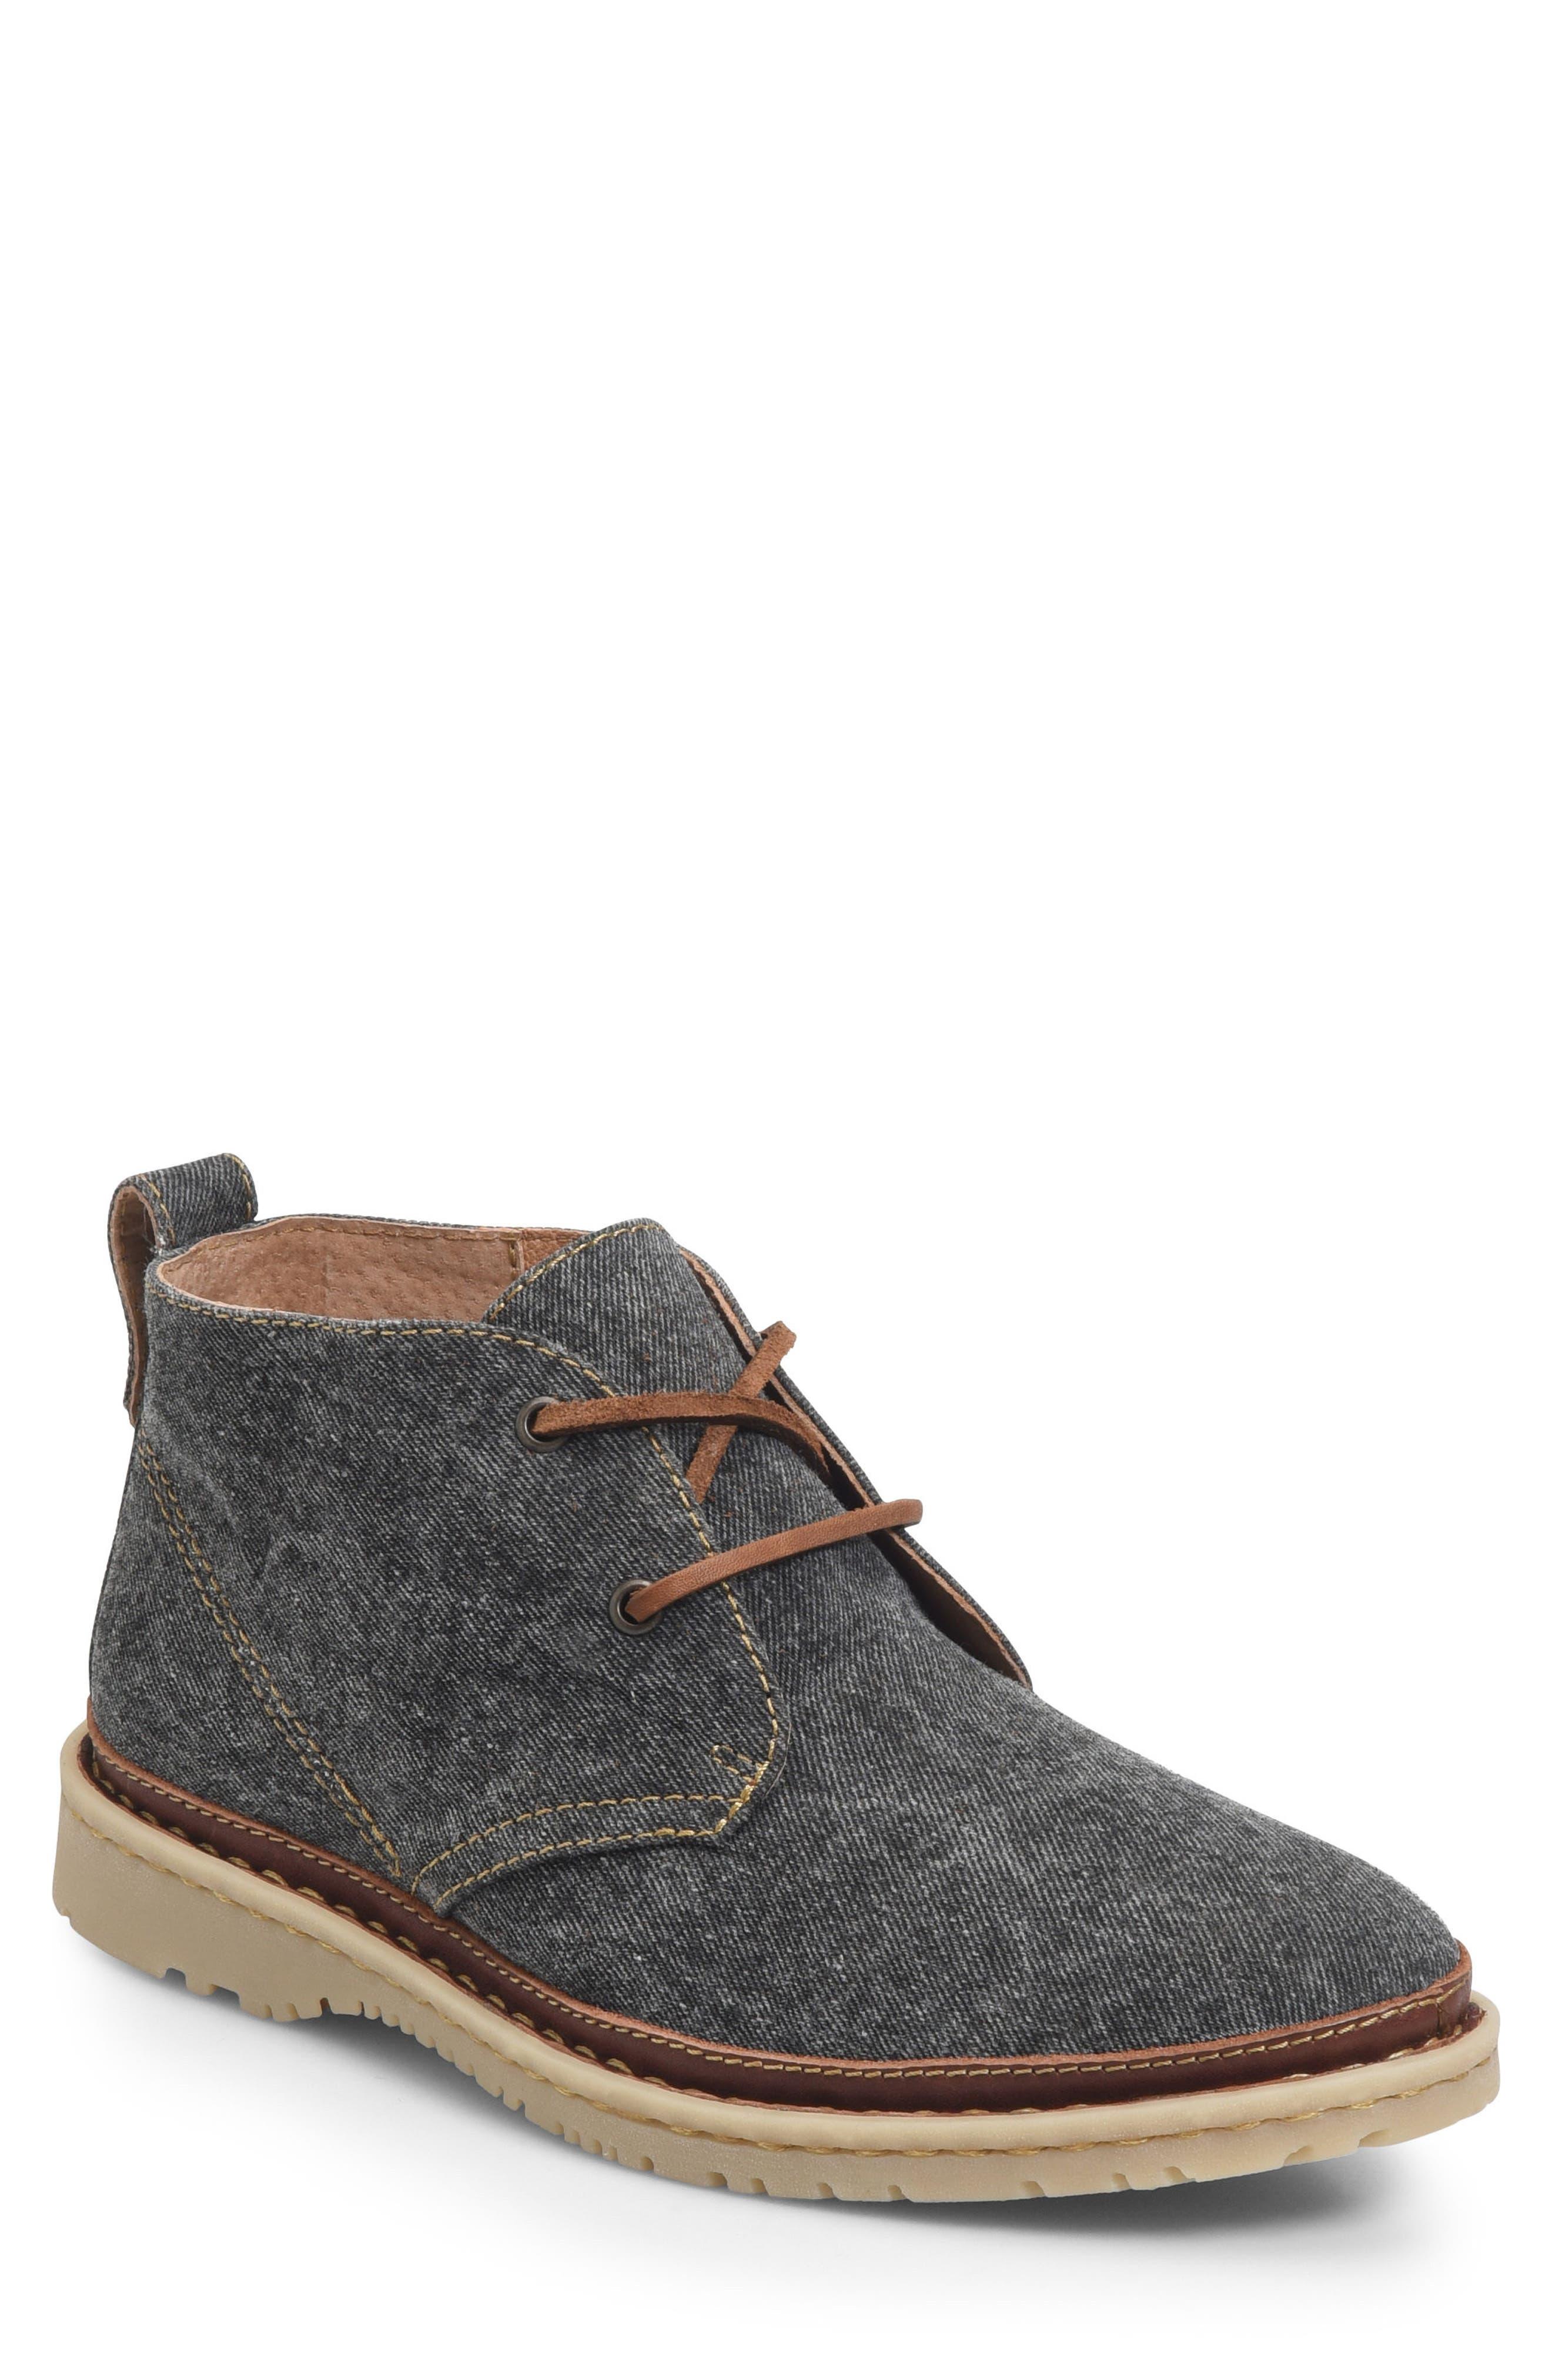 Elk II Chukka Boot,                         Main,                         color, Dark Grey Fabric